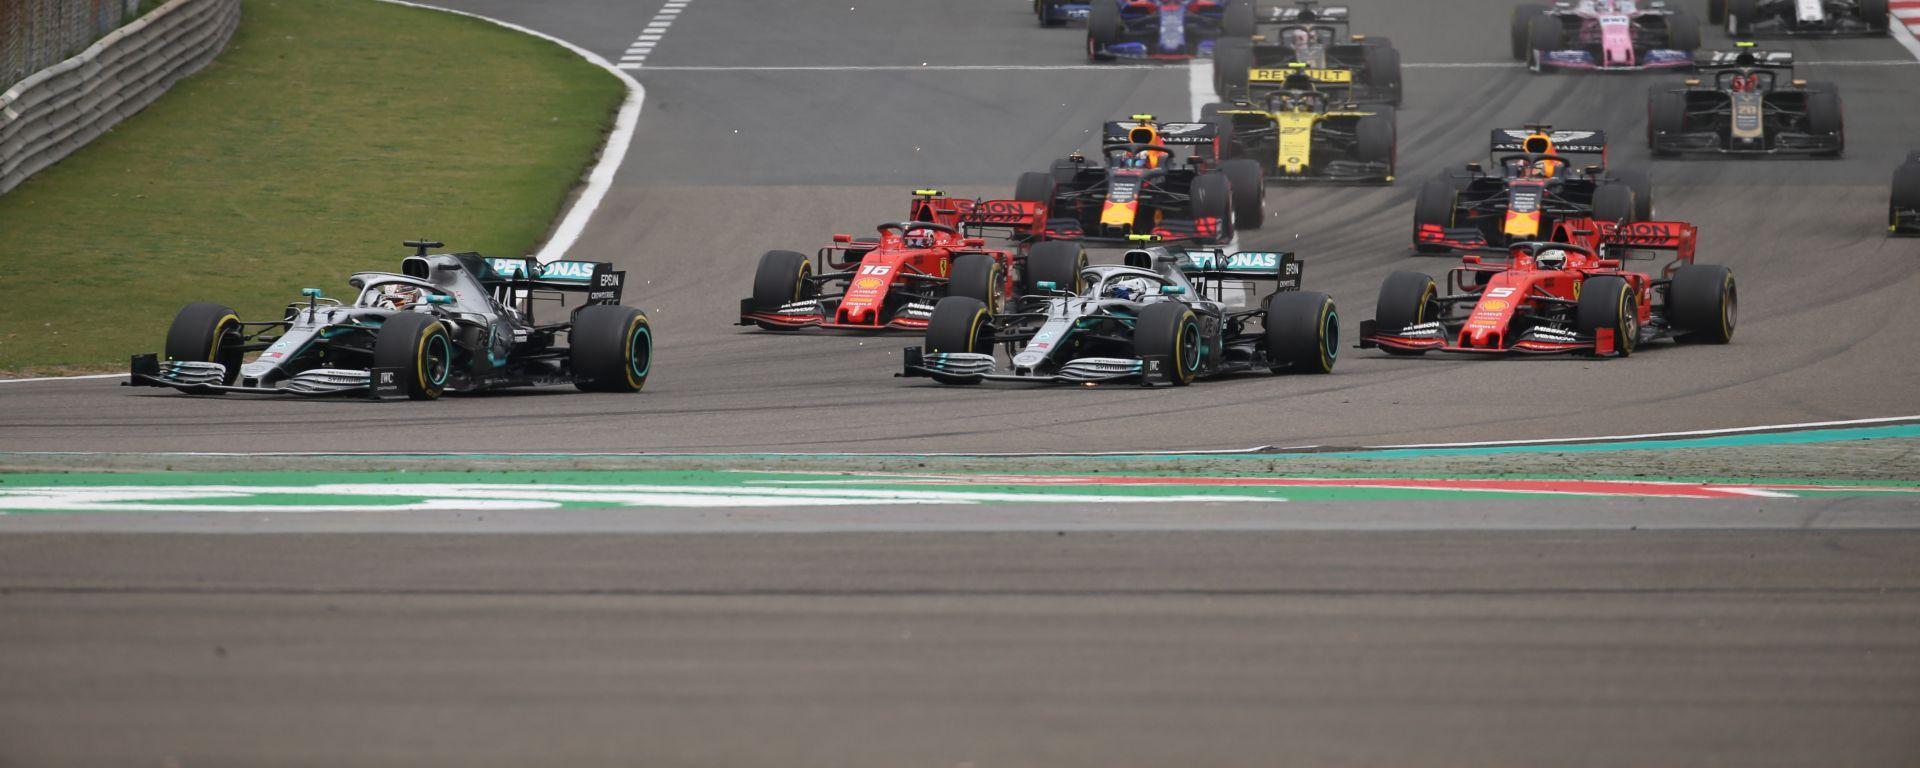 F1 GP Cina 2019, la partenza della gara